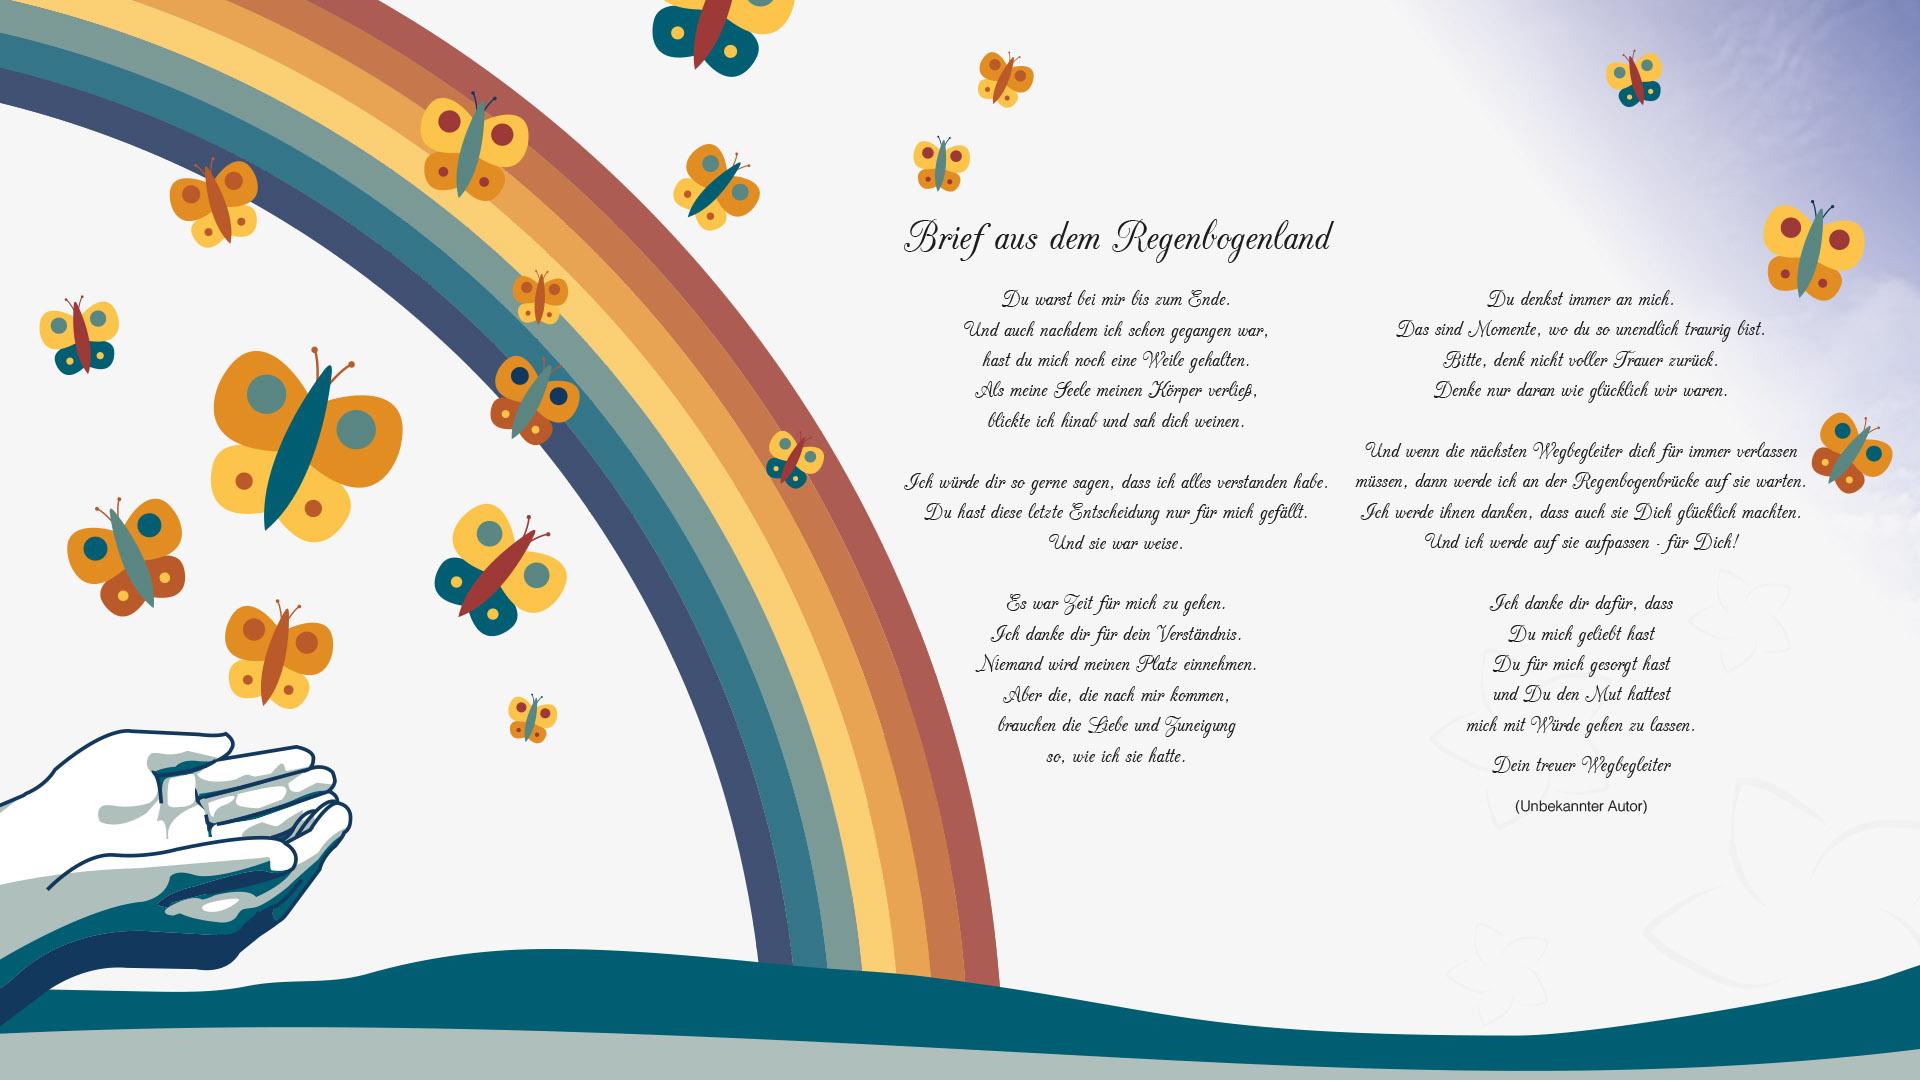 Regenbogen gedicht Gedichte und